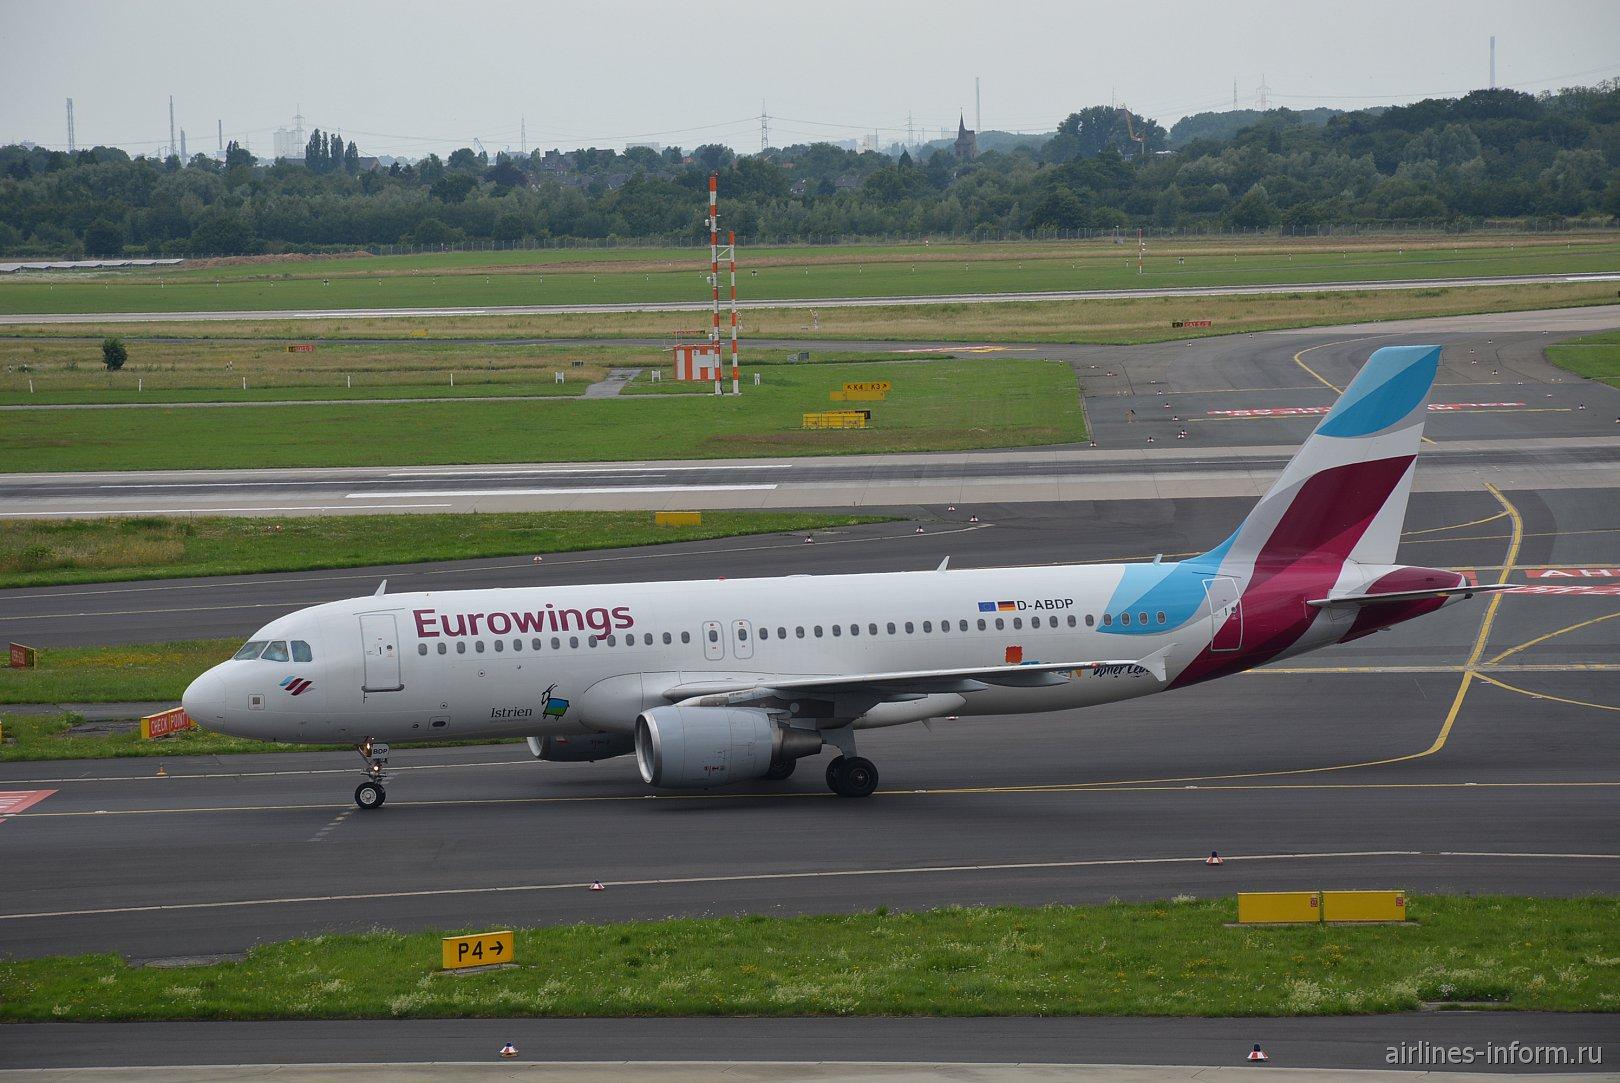 Самолет Airbus A320 D-ABDP авиакомпании Eurowings в аэропорту Дюссельдорфа